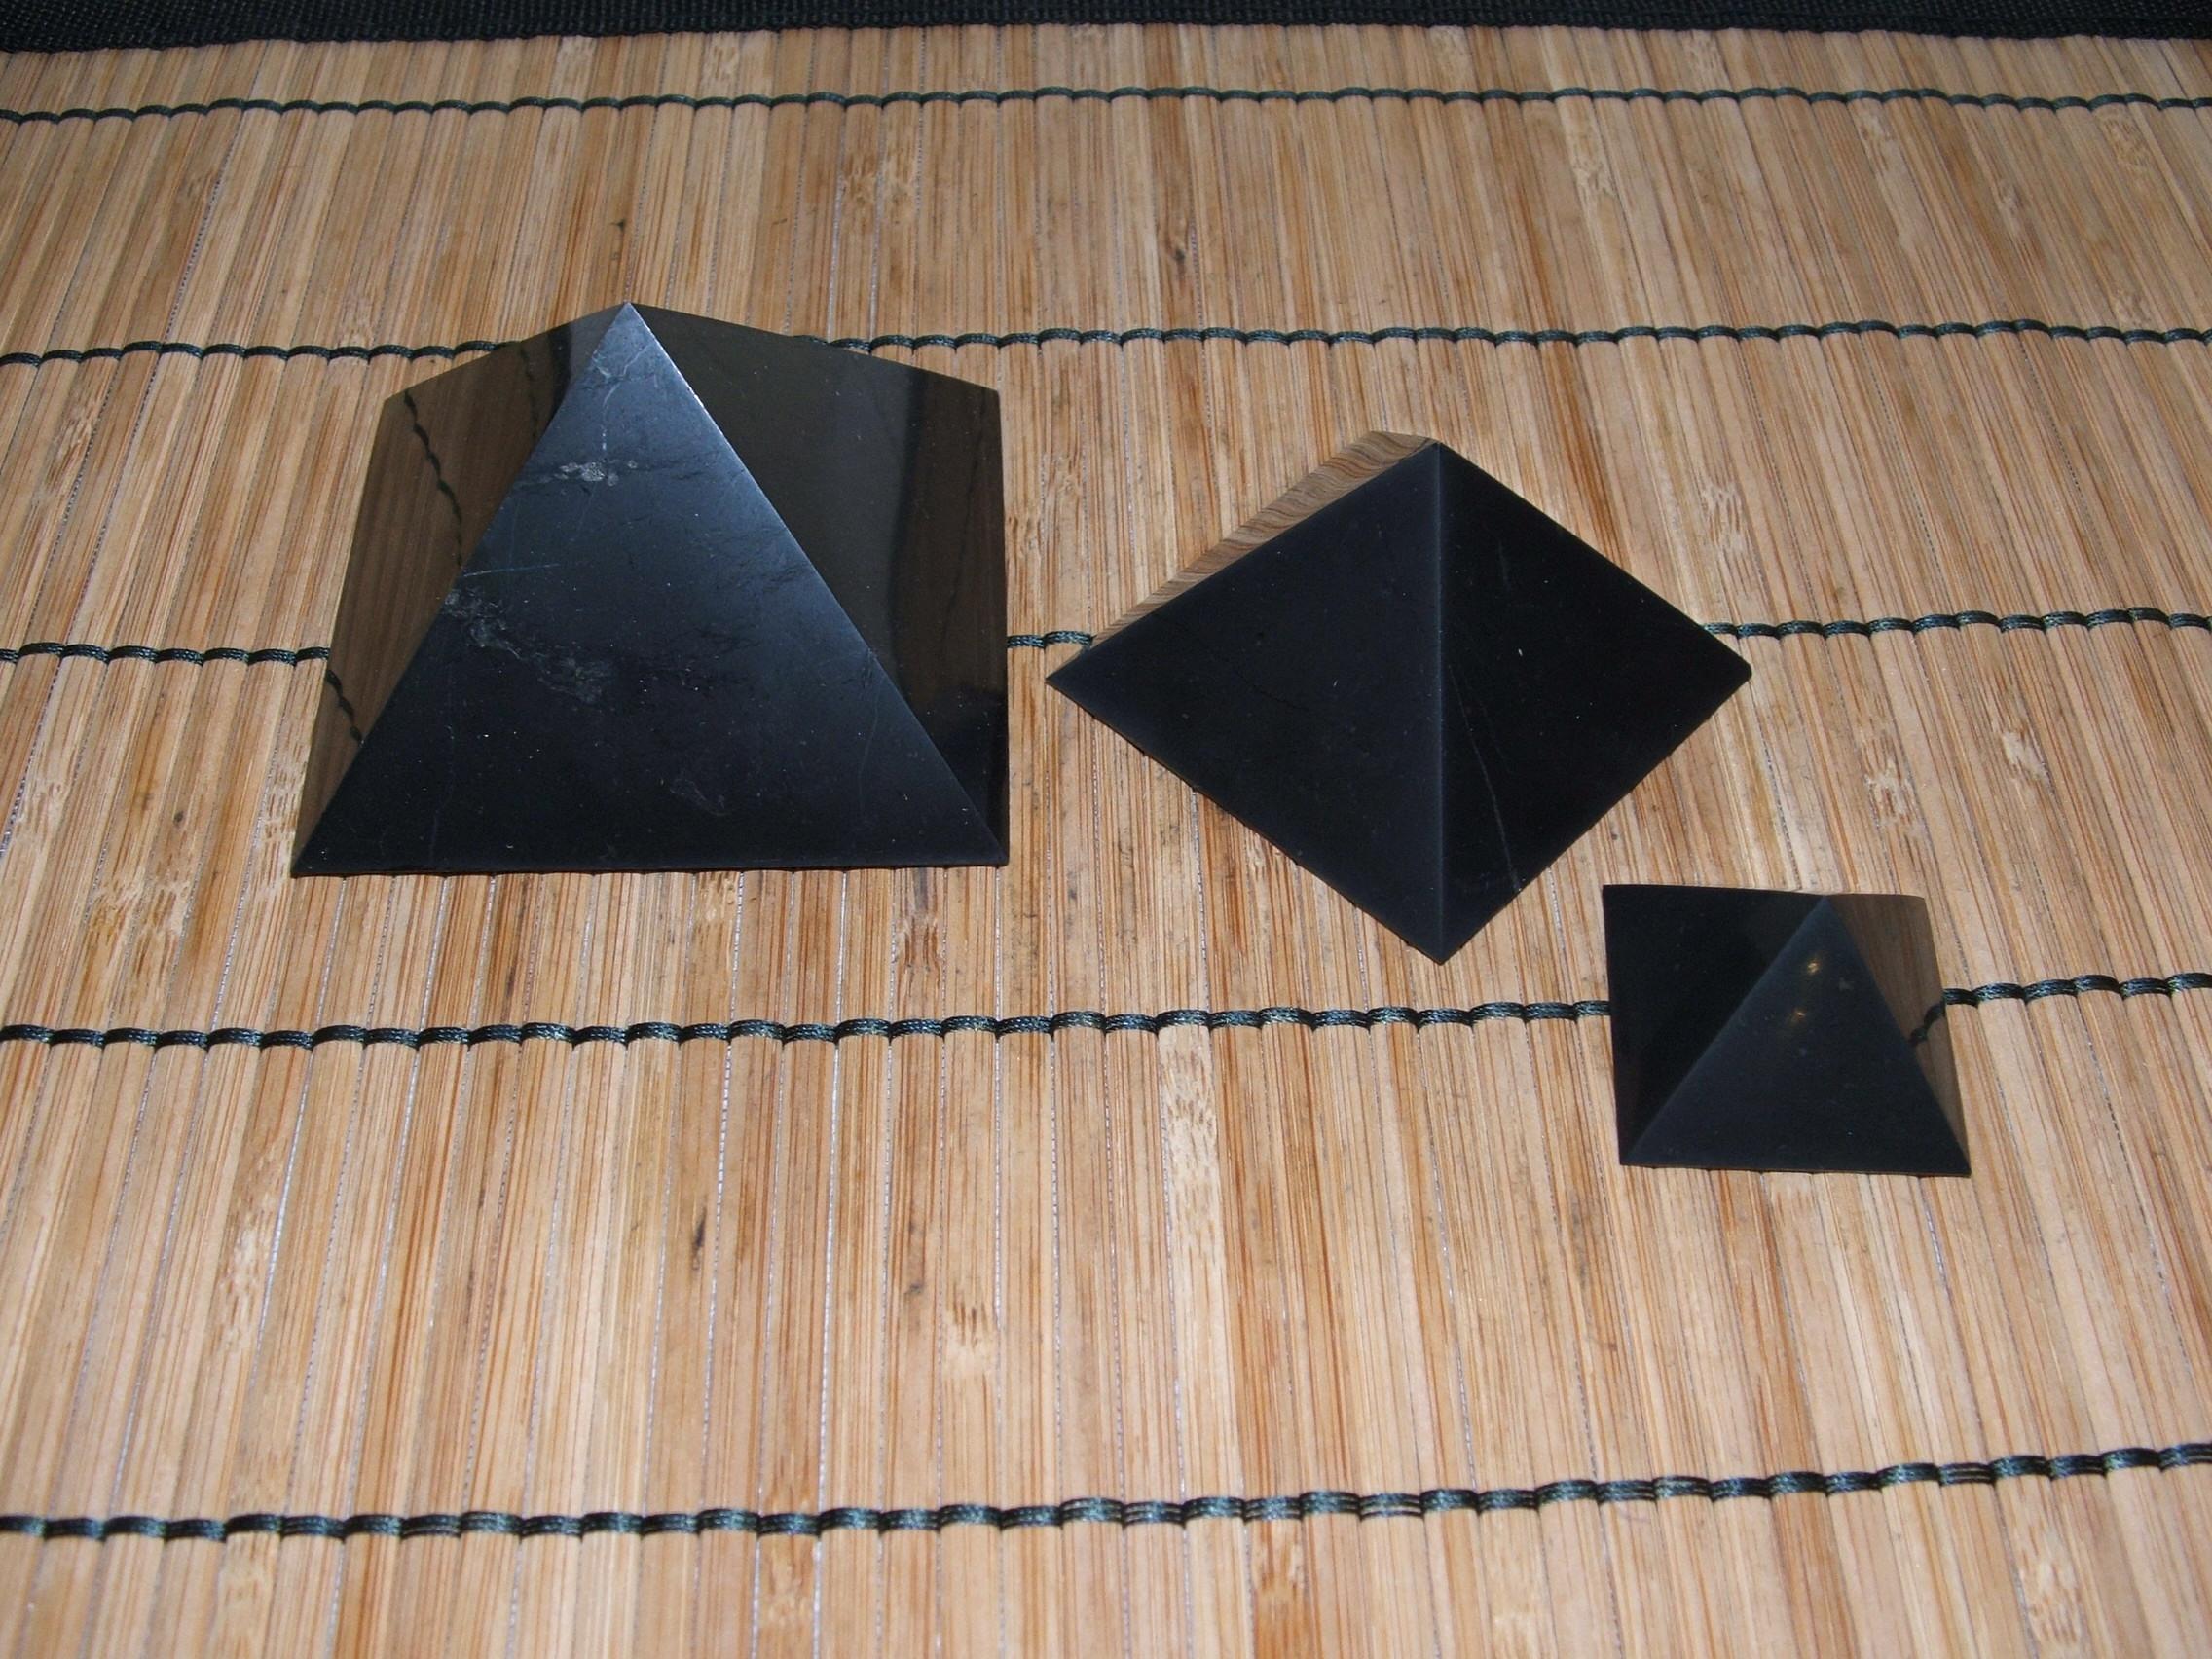 В офисе или дома пирамиду устанавливаем в каждую комнату исходя из соответствующей площади помещения и степени...